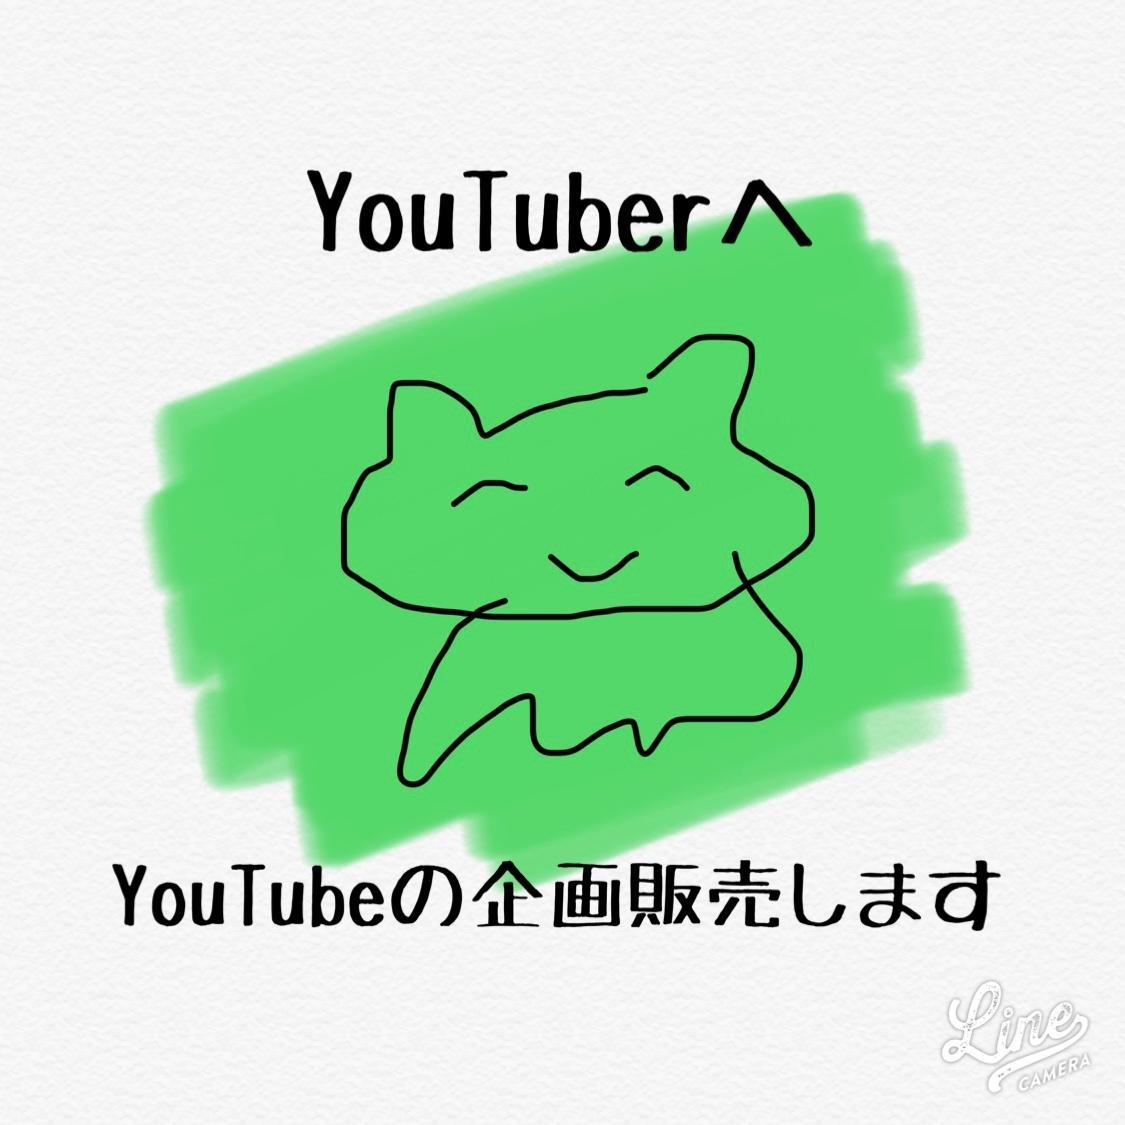 YouTubeの企画を販売します YouTuber必見!企画に困っているあなたへ